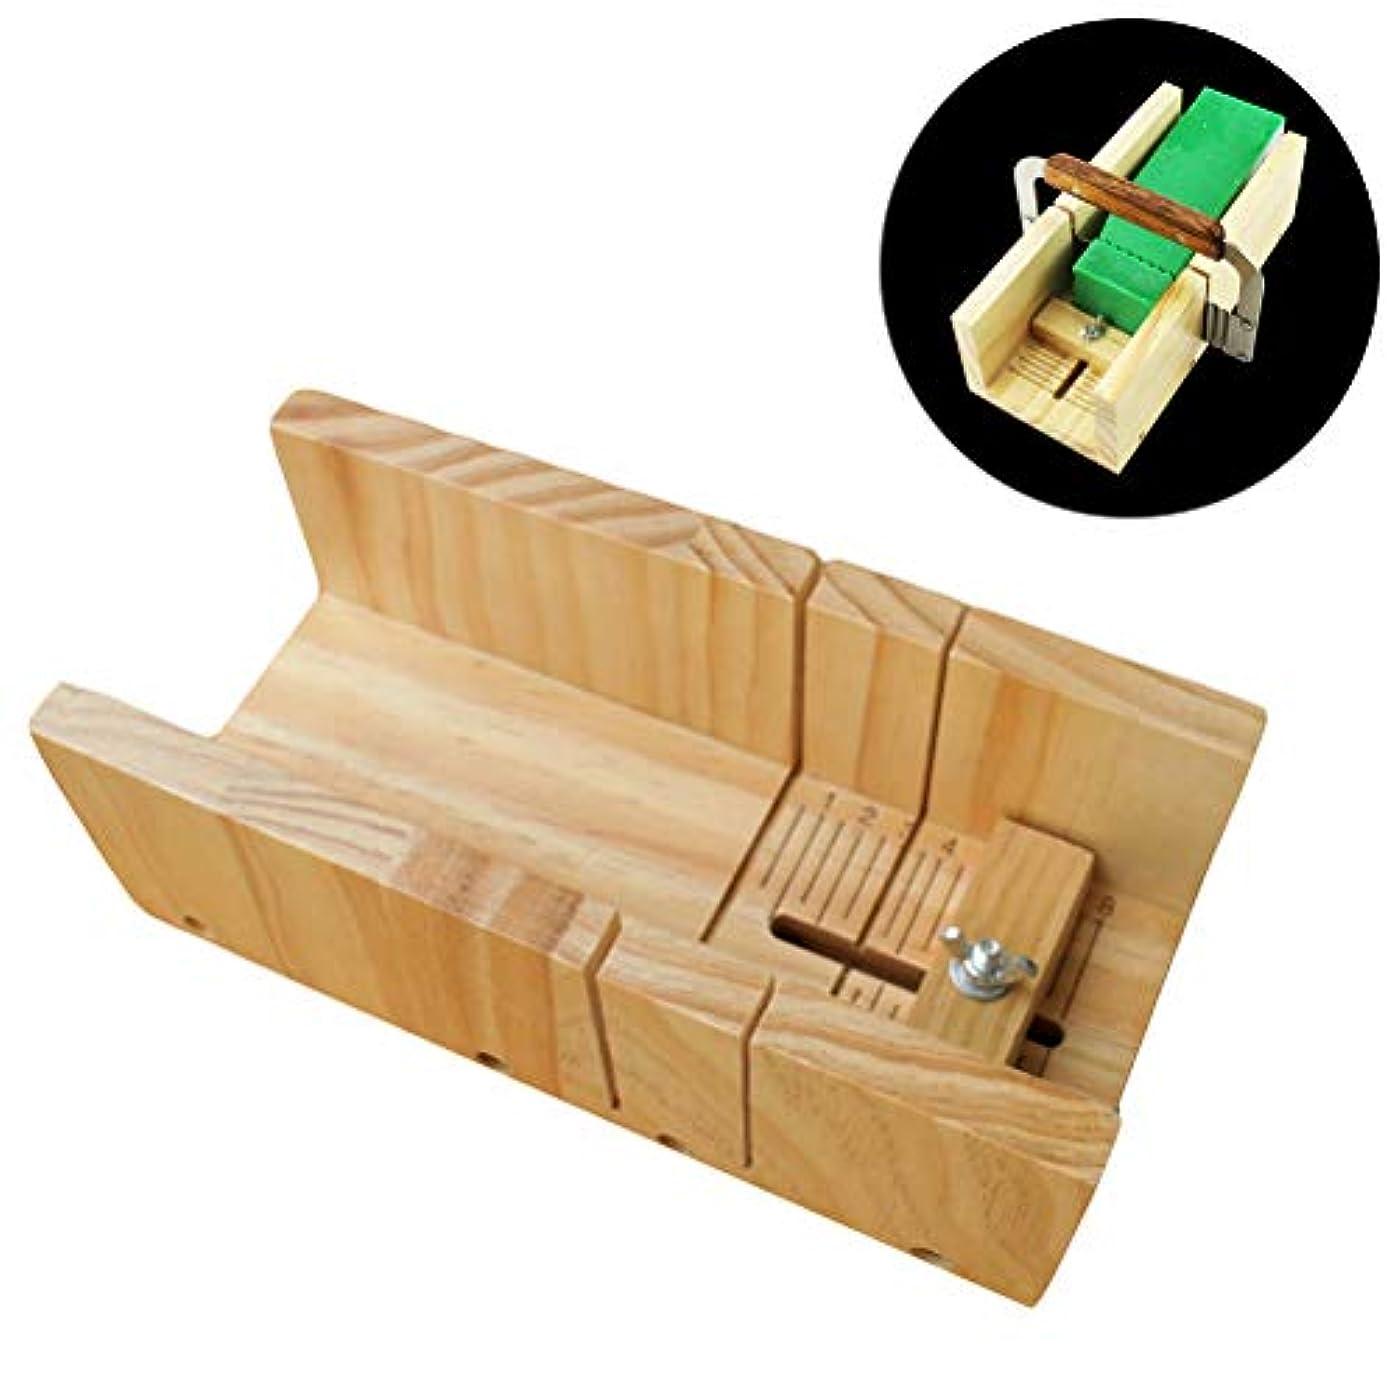 同情的有能な教会Healifty 木製石鹸カッターモールド石鹸ロープモールド調節可能なカッターモールドボックス石鹸ツールを作る